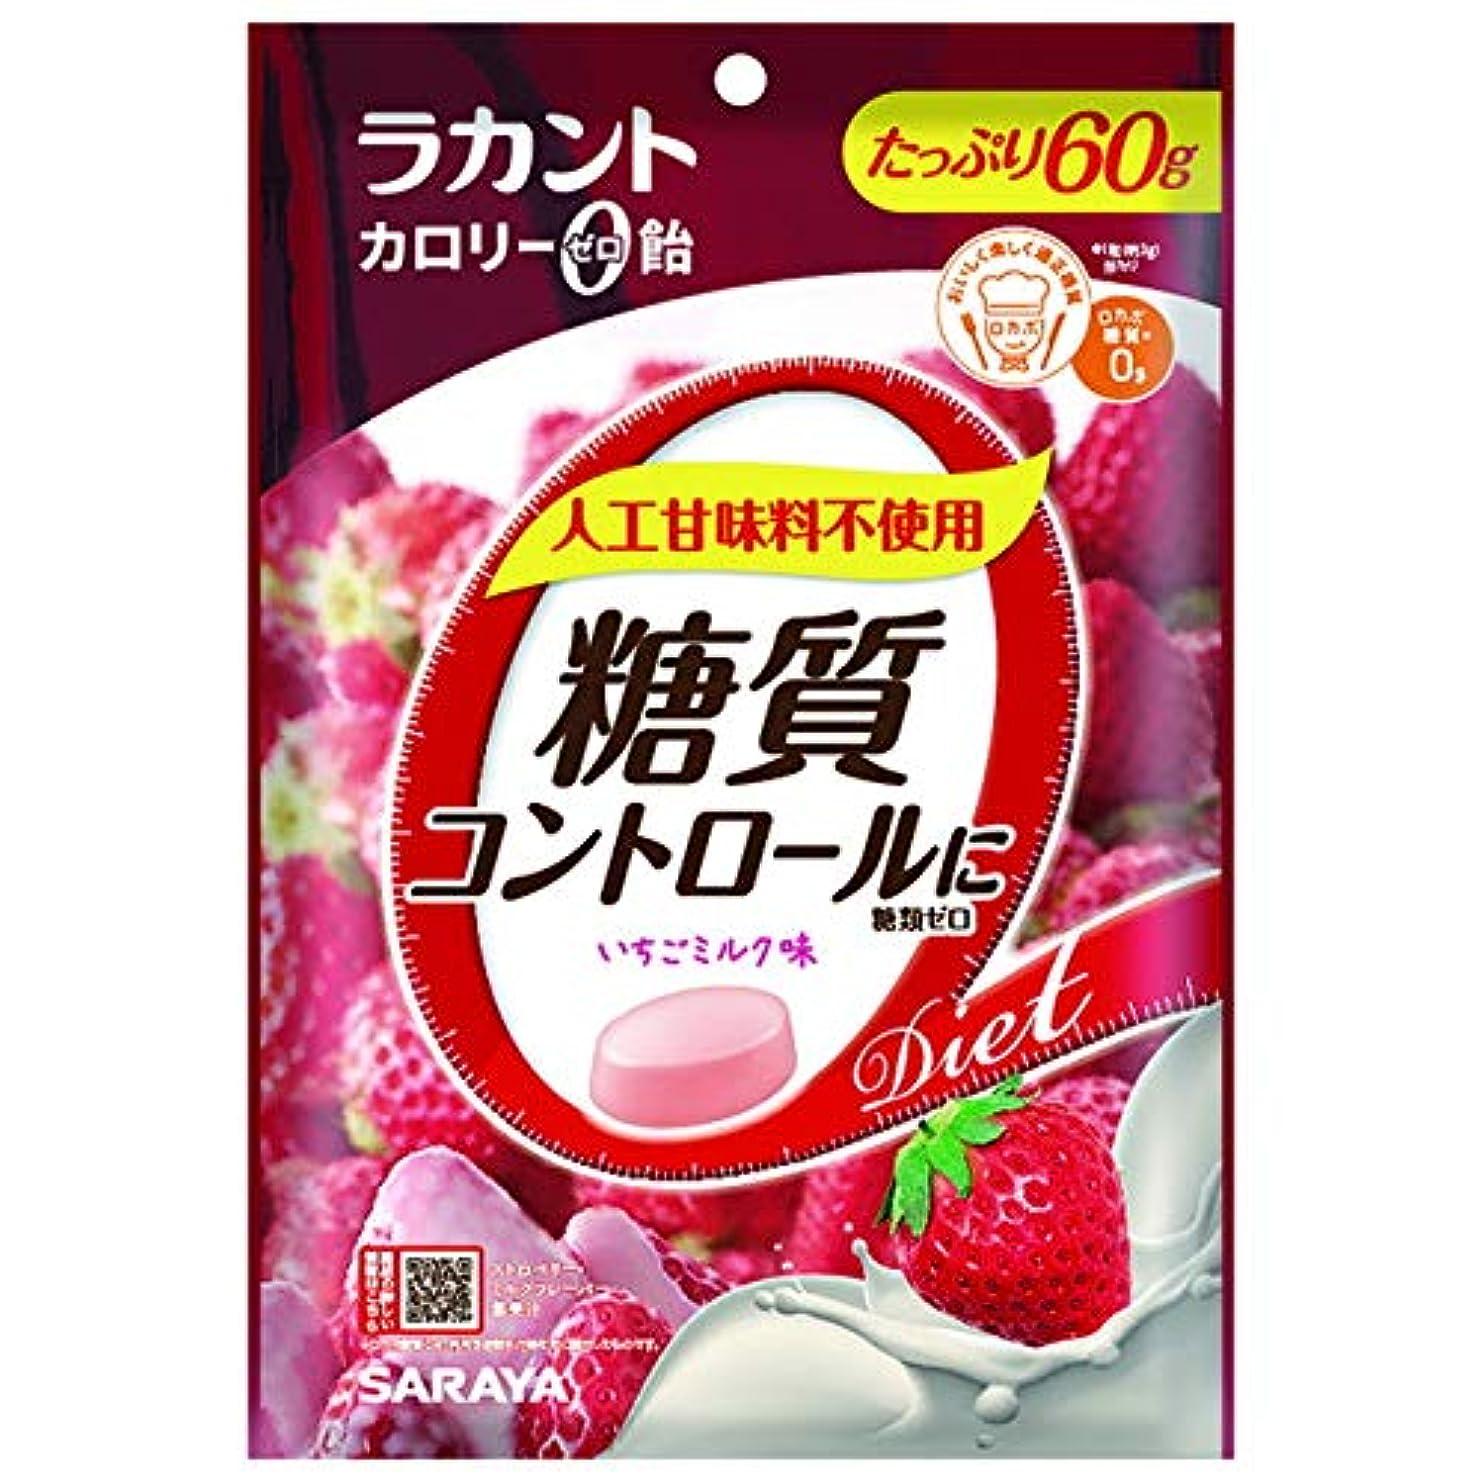 海上害虫教義ラカント カロリーゼロ飴 いちごミルク 60g【3個セット】